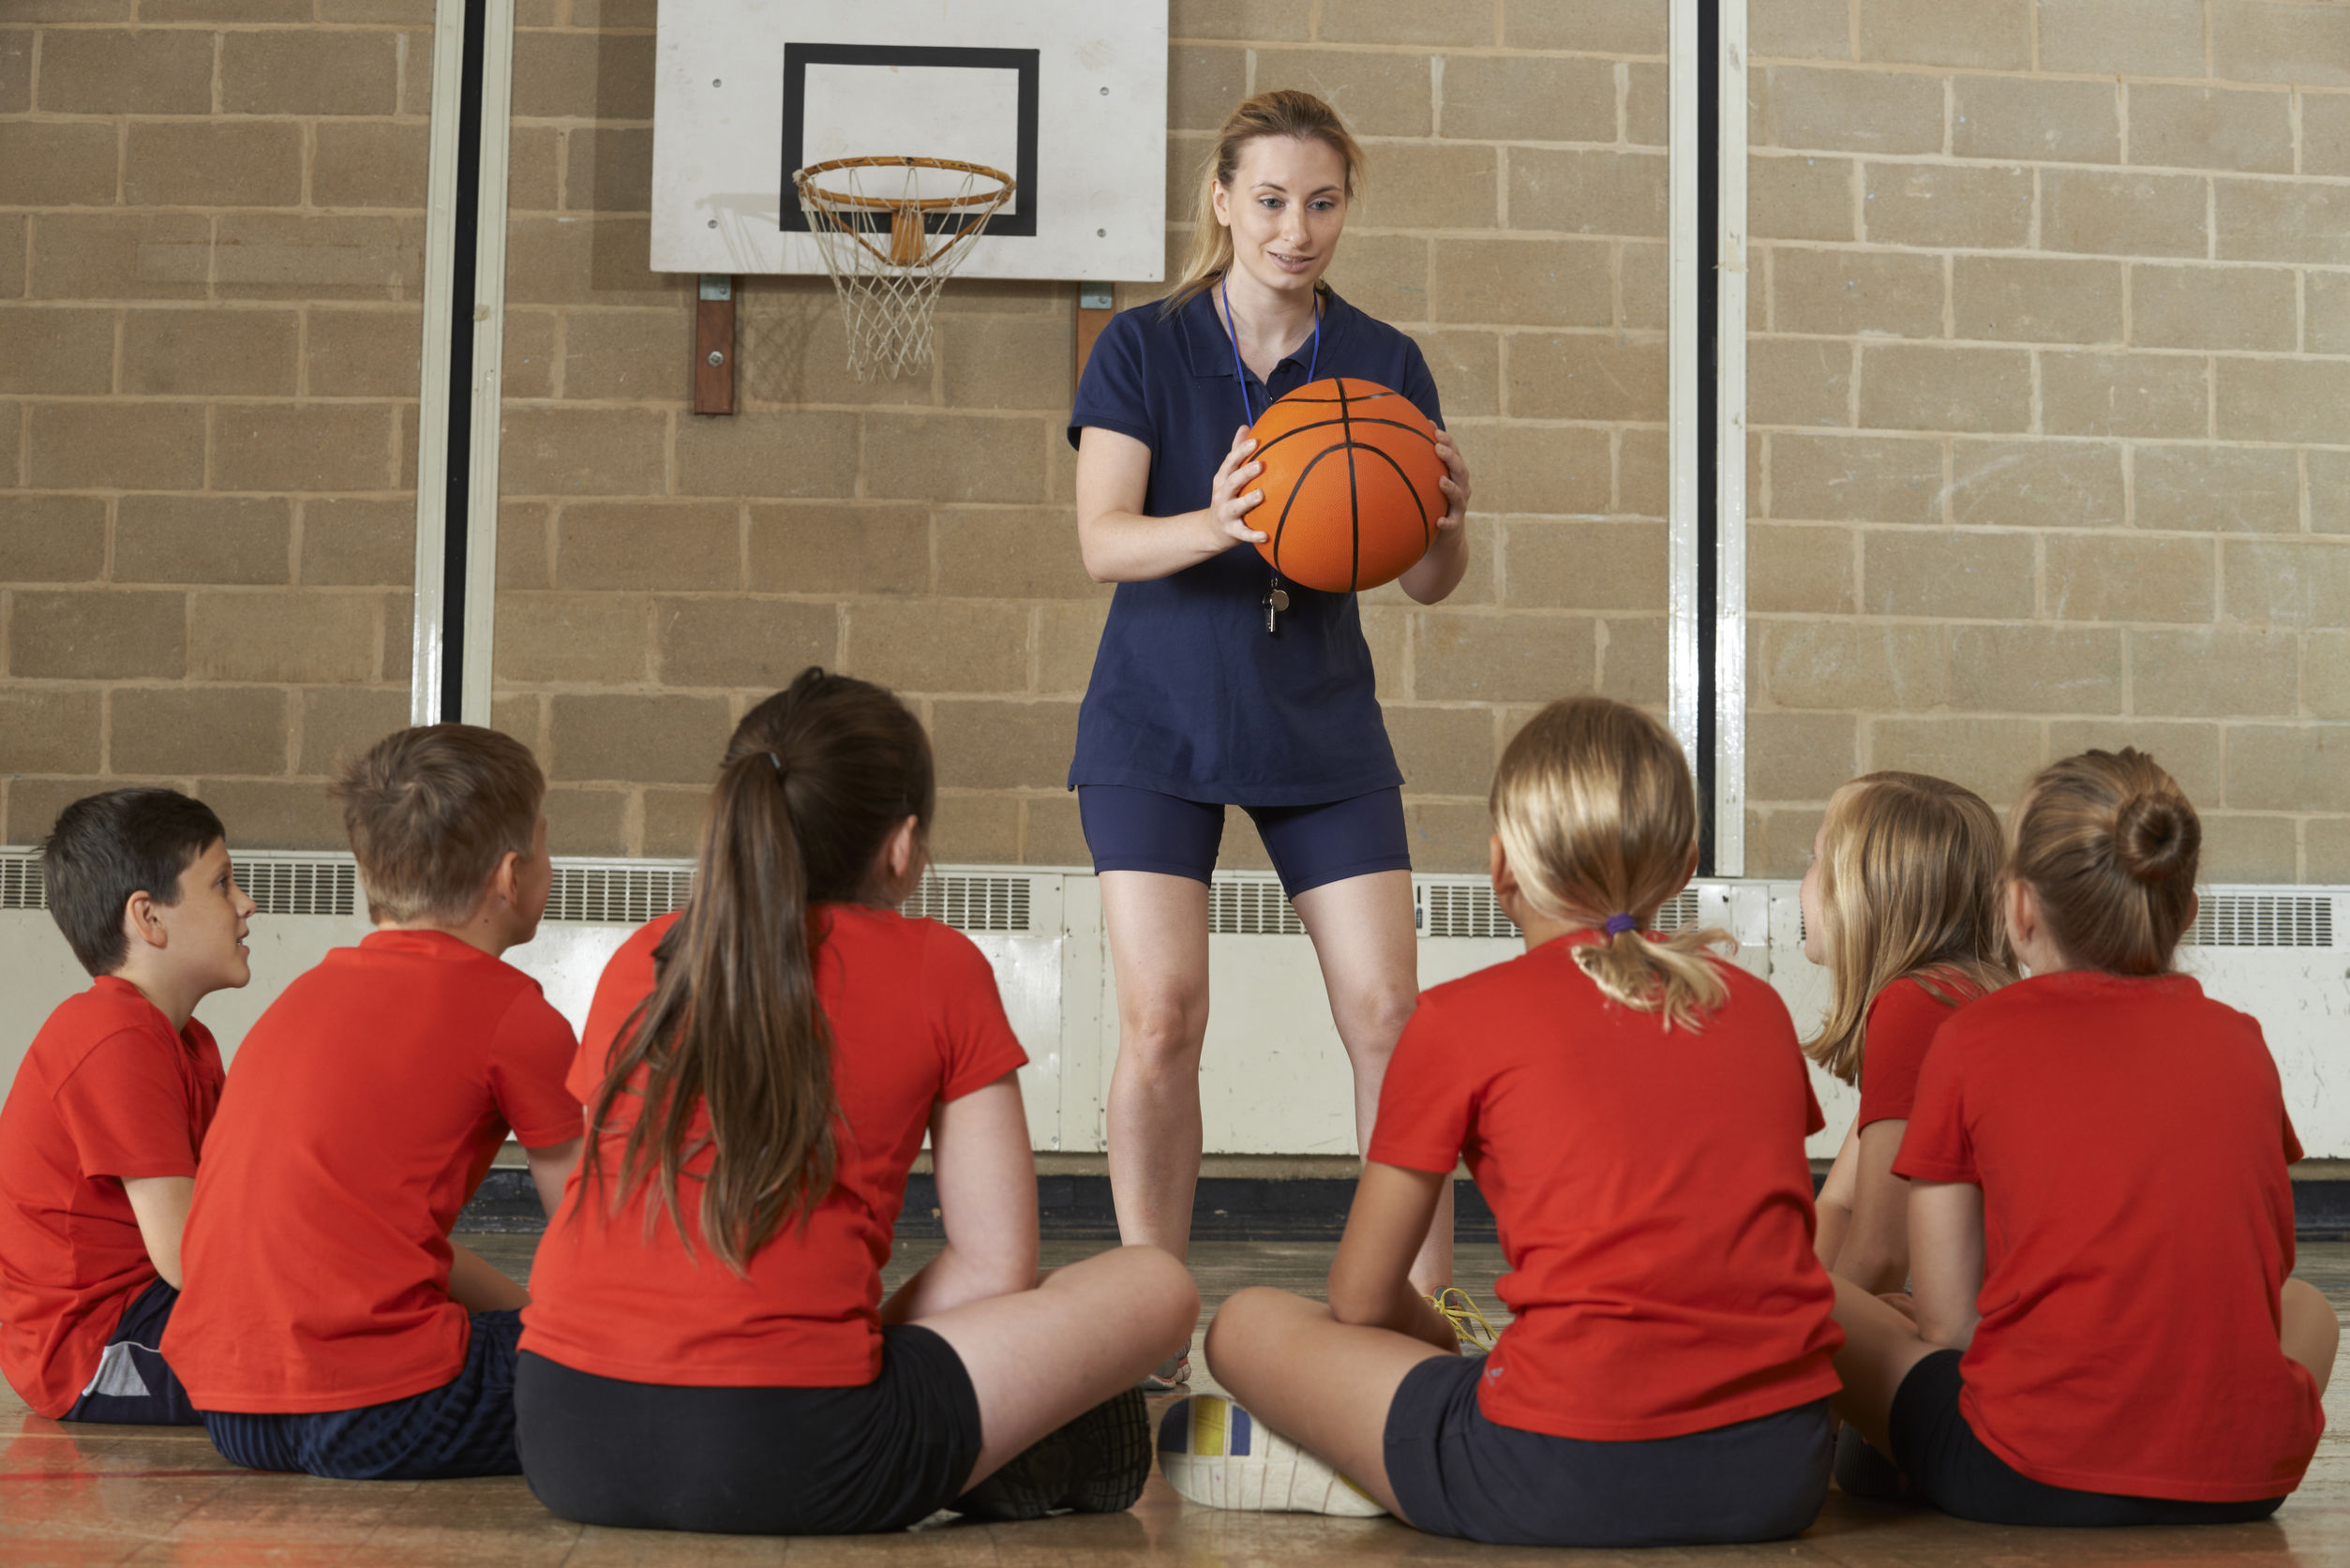 MANUALUL de sport le explică elevilor cum să stea încolonaţi, care sunt părţile corpului şi care ar trebui să fie poziţia corectă în bancă/ Cum arată şi ce conţine